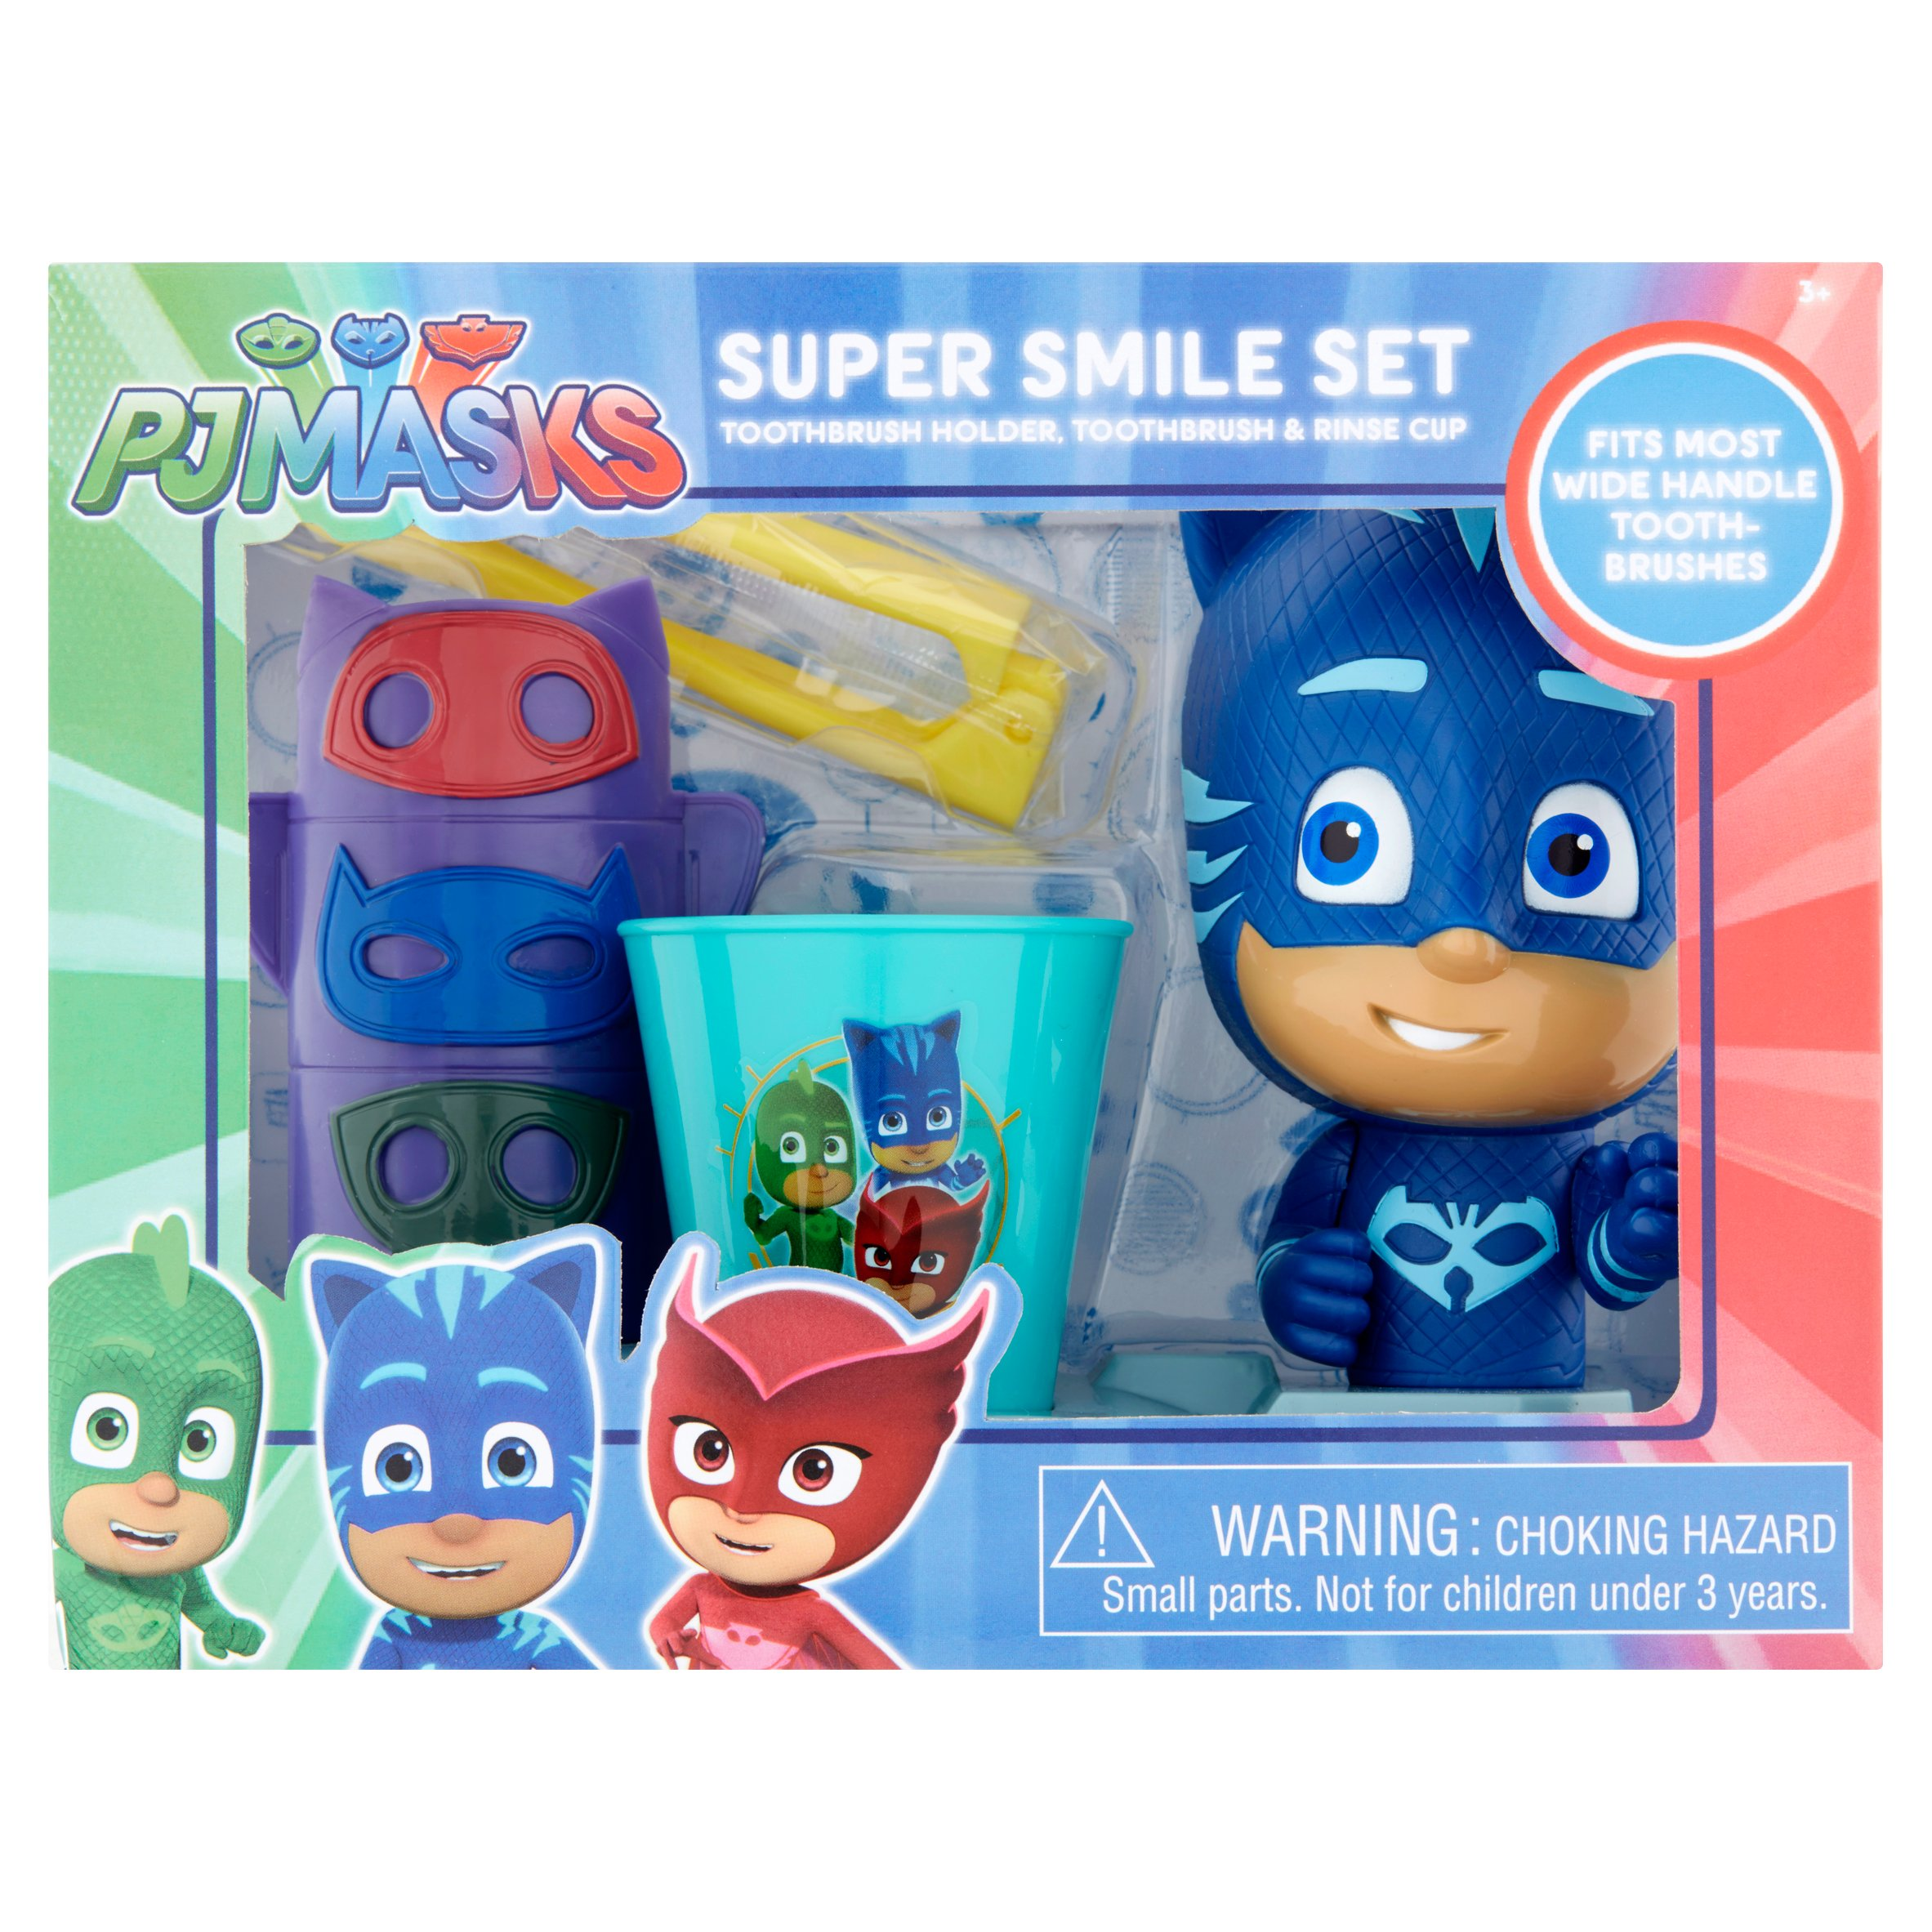 PJ Masks Toothbrush, Toothbrush Holder, Rinse Cup Gift Set, 3pcs    Walmart.com